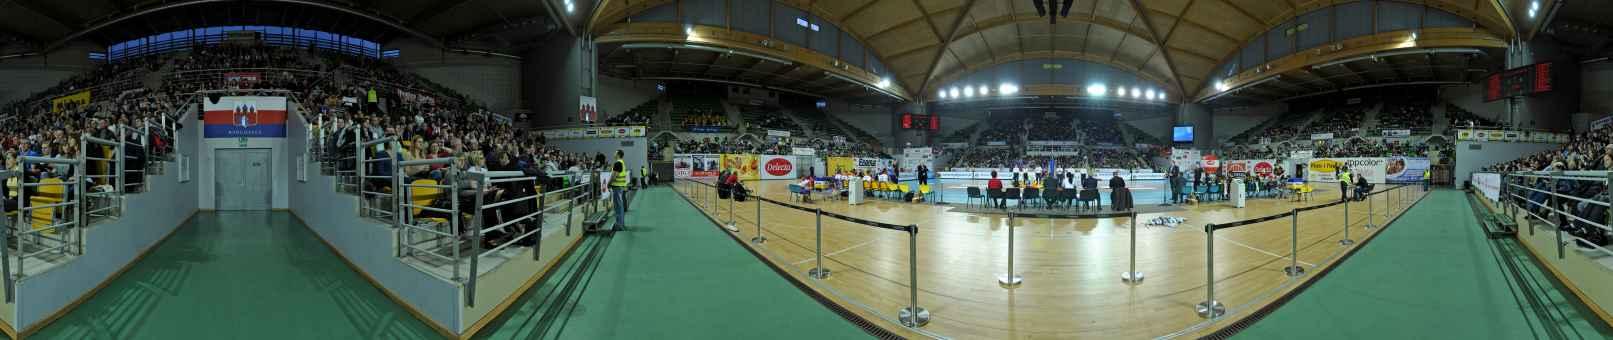 Prezentacja panoramiczna dla obiektu mecz